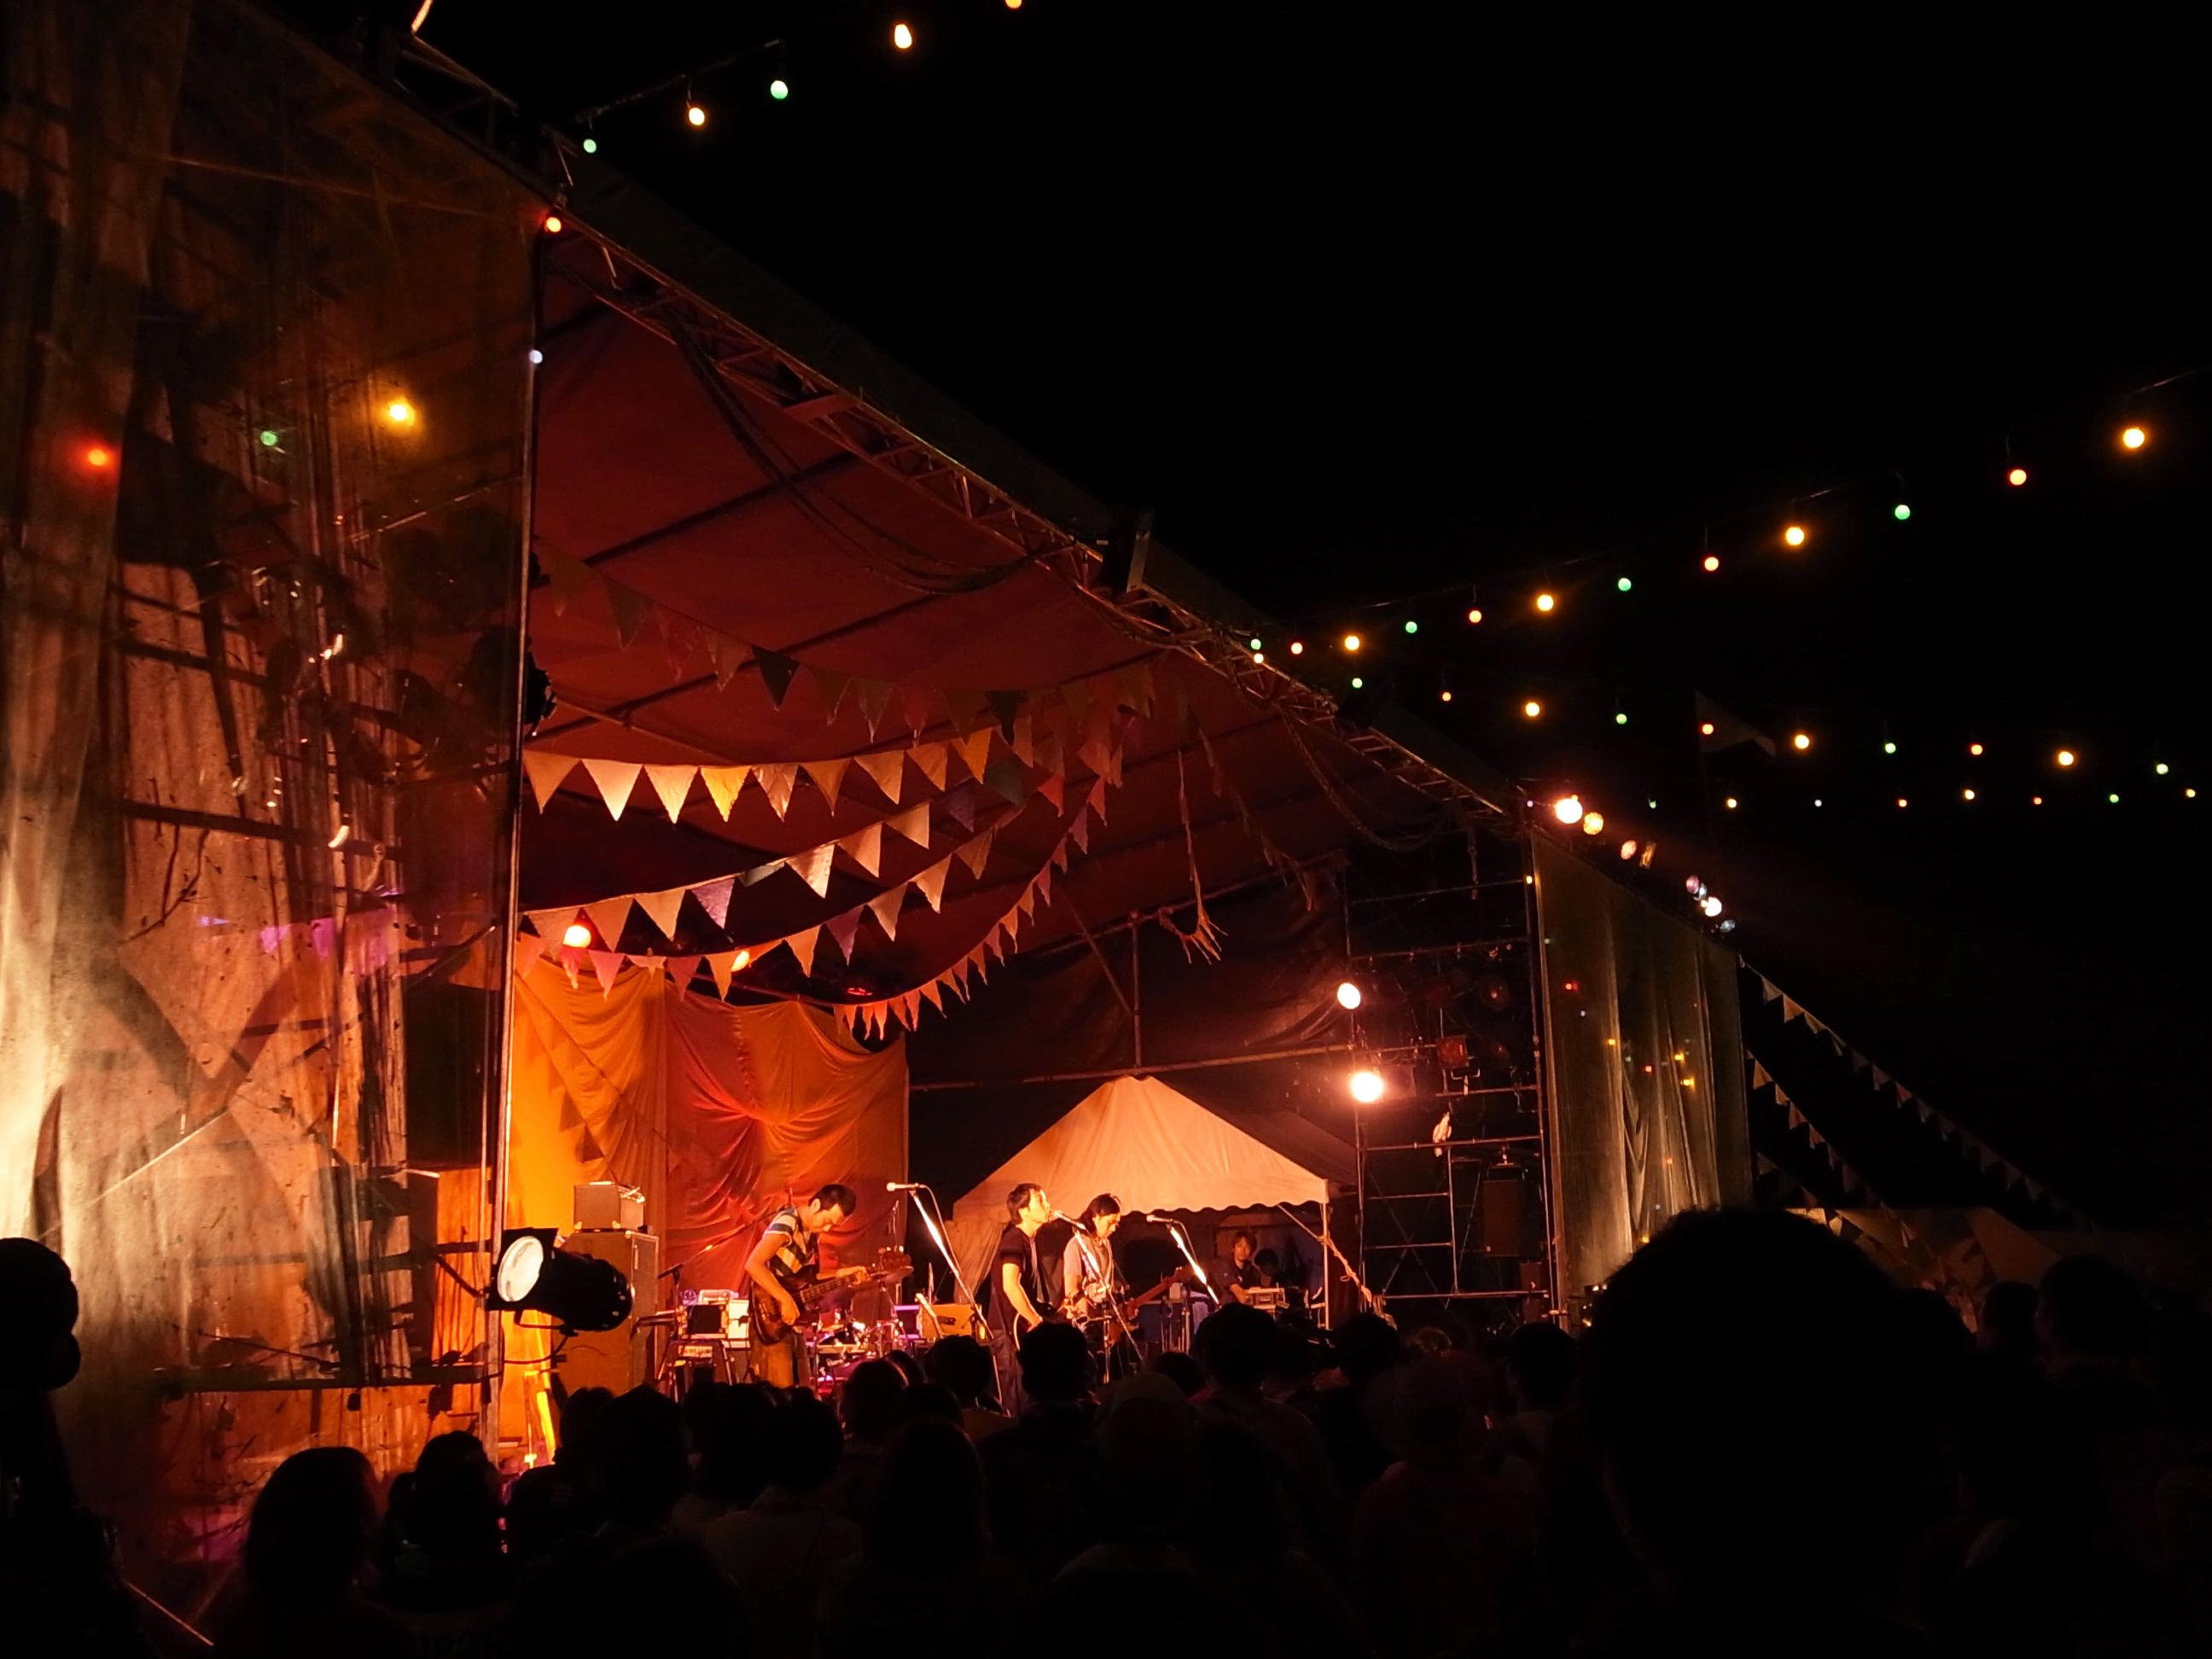 曽我部恵一BAND LIVEセットリストUPしました。8/11<RISING SUN ROCK FESTIVAL 2012 in EZO>@北海道 石狩湾新港樽川ふ頭横野外特設ステージ